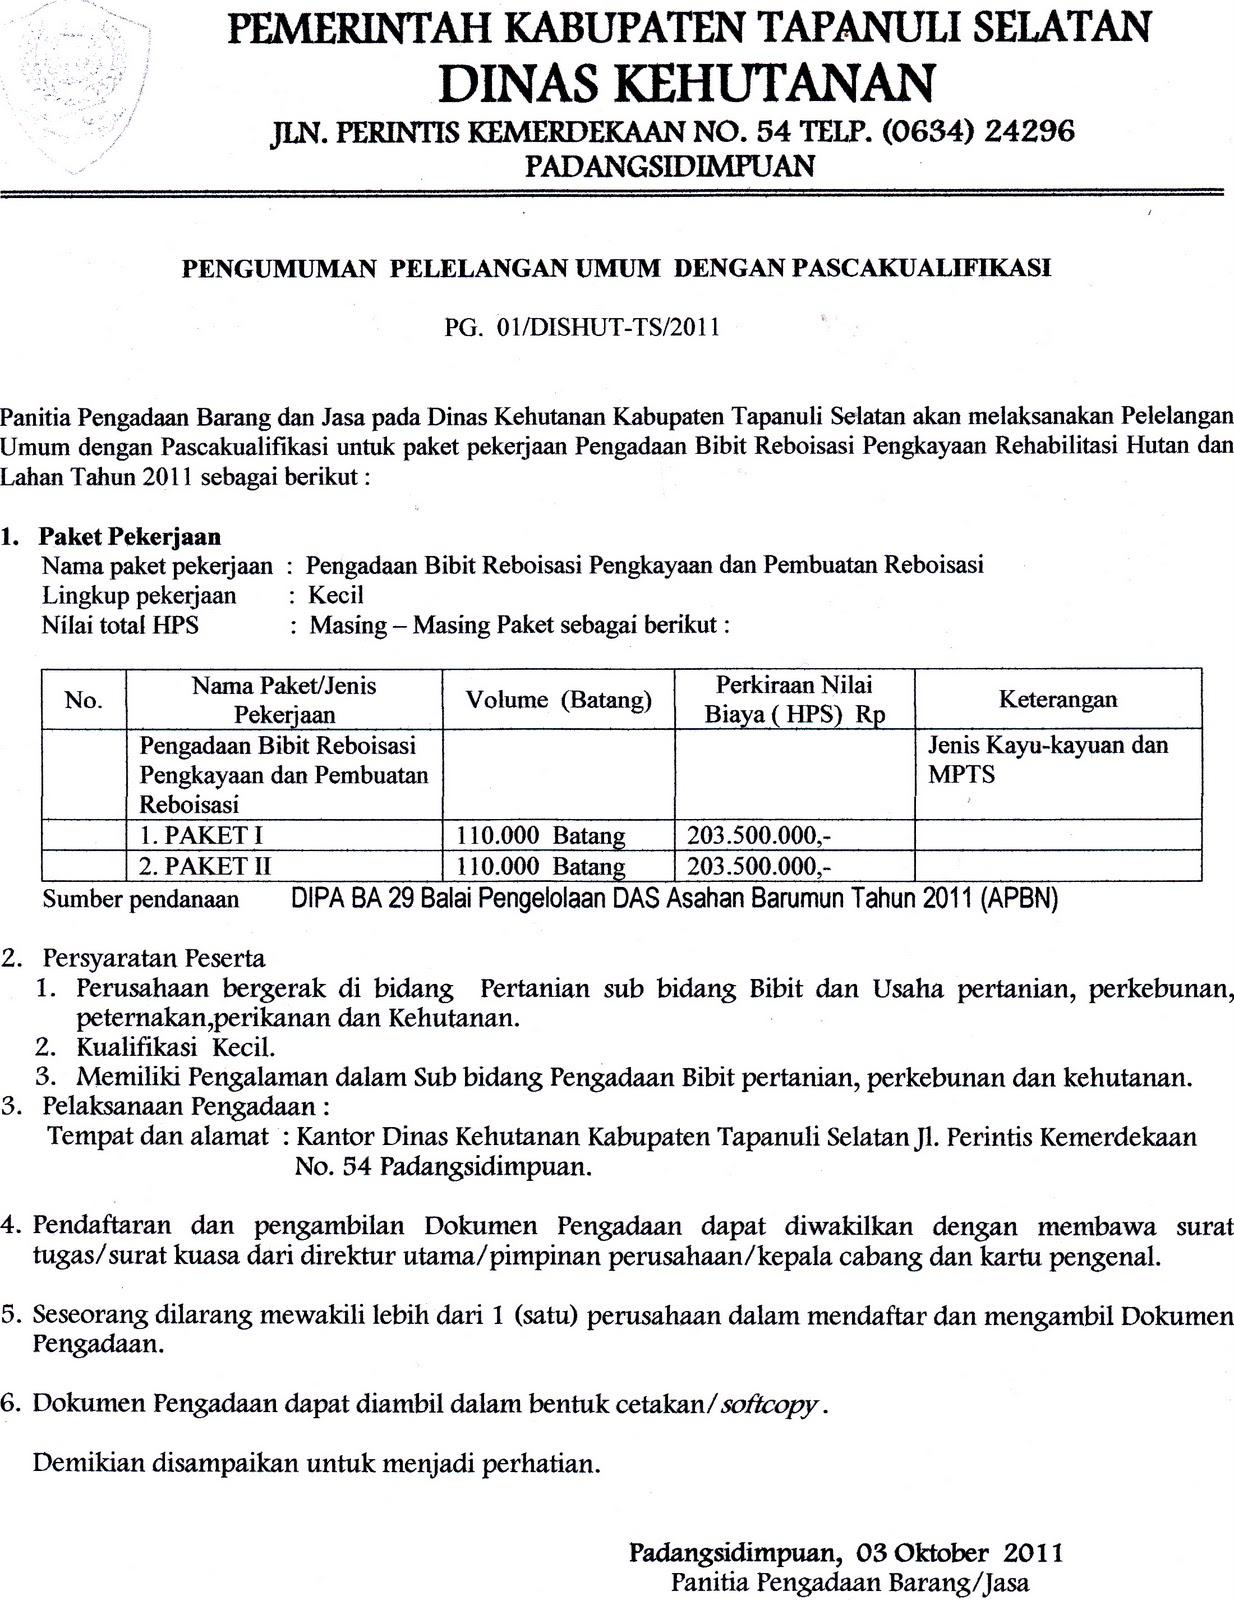 Pemerintah Kabupaten Tapanuli Selatan Info Lelang Dinas Kehutanan